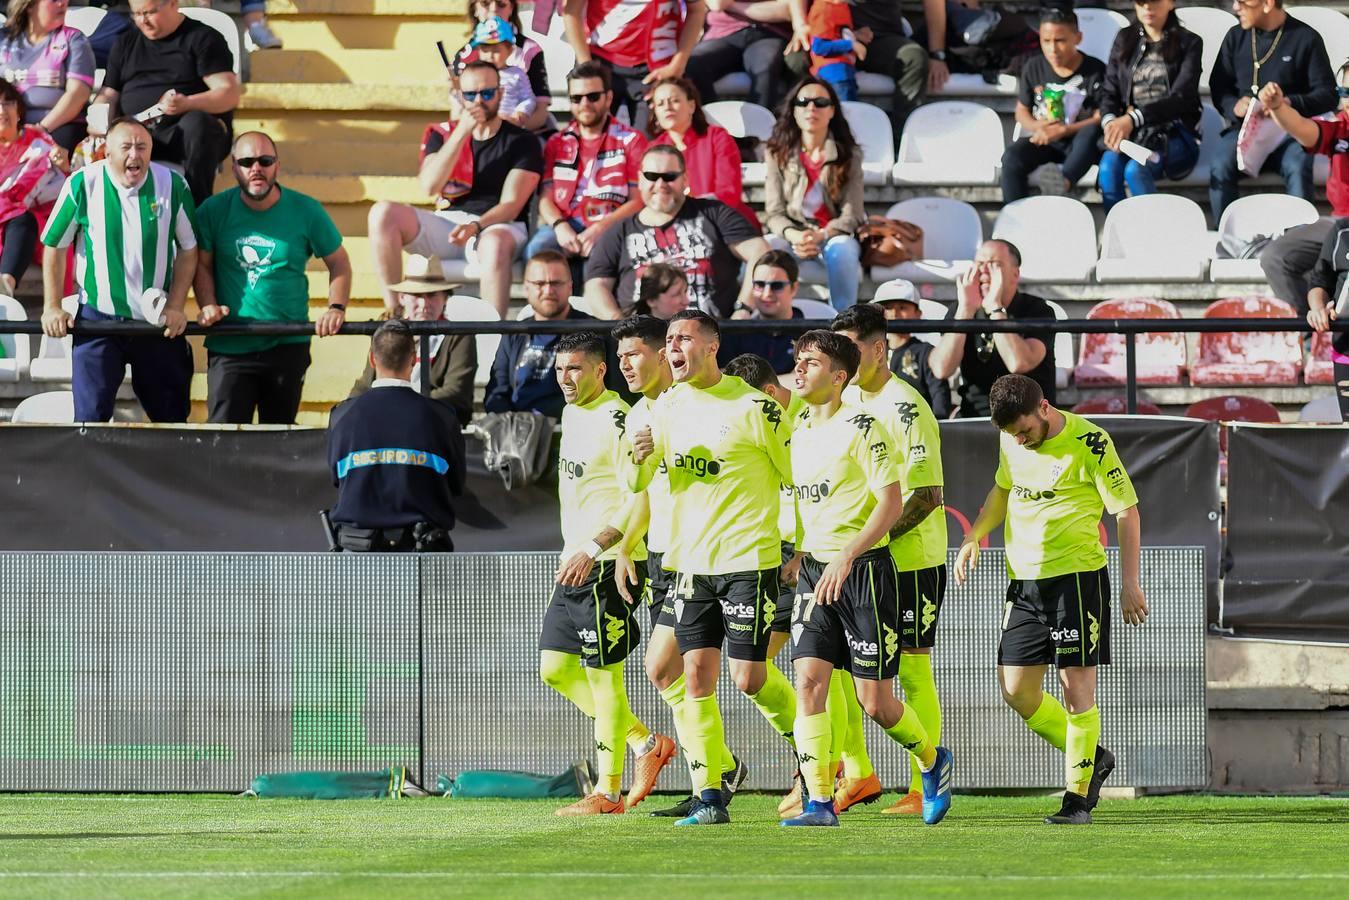 Espectacular remontada del Córdoba CF